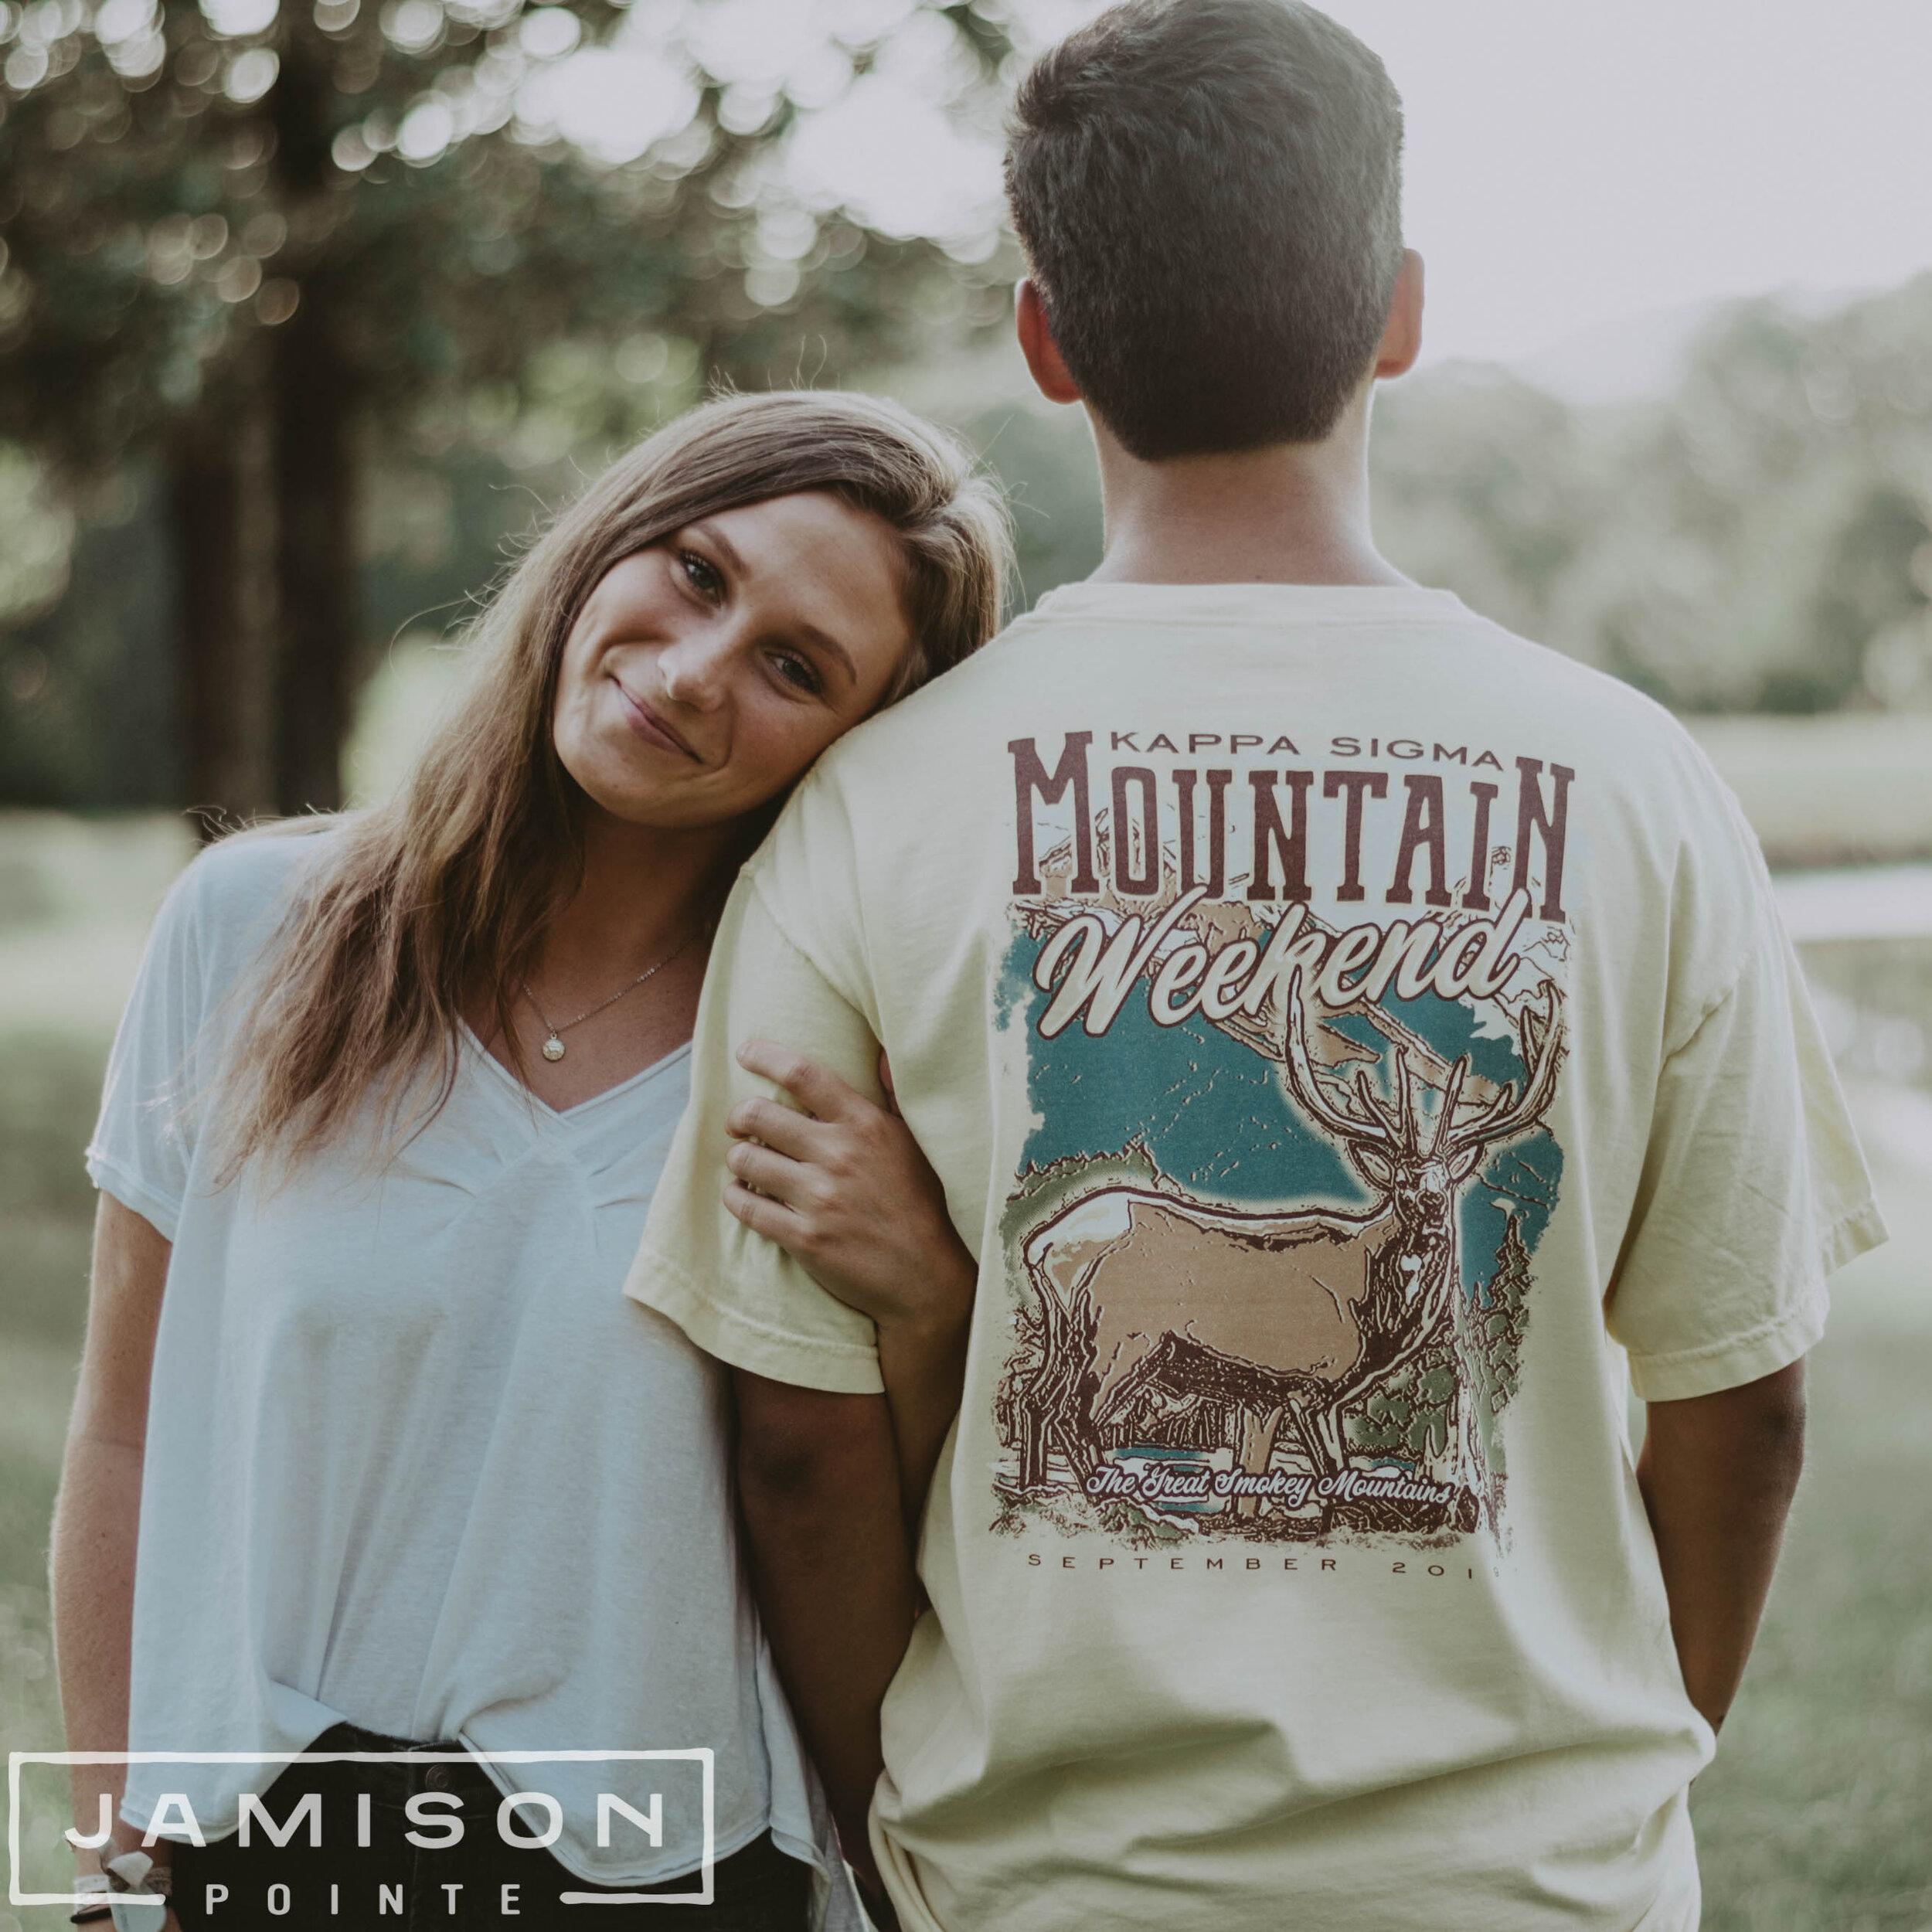 Kappa Sig Mountain Weekend Tshirt